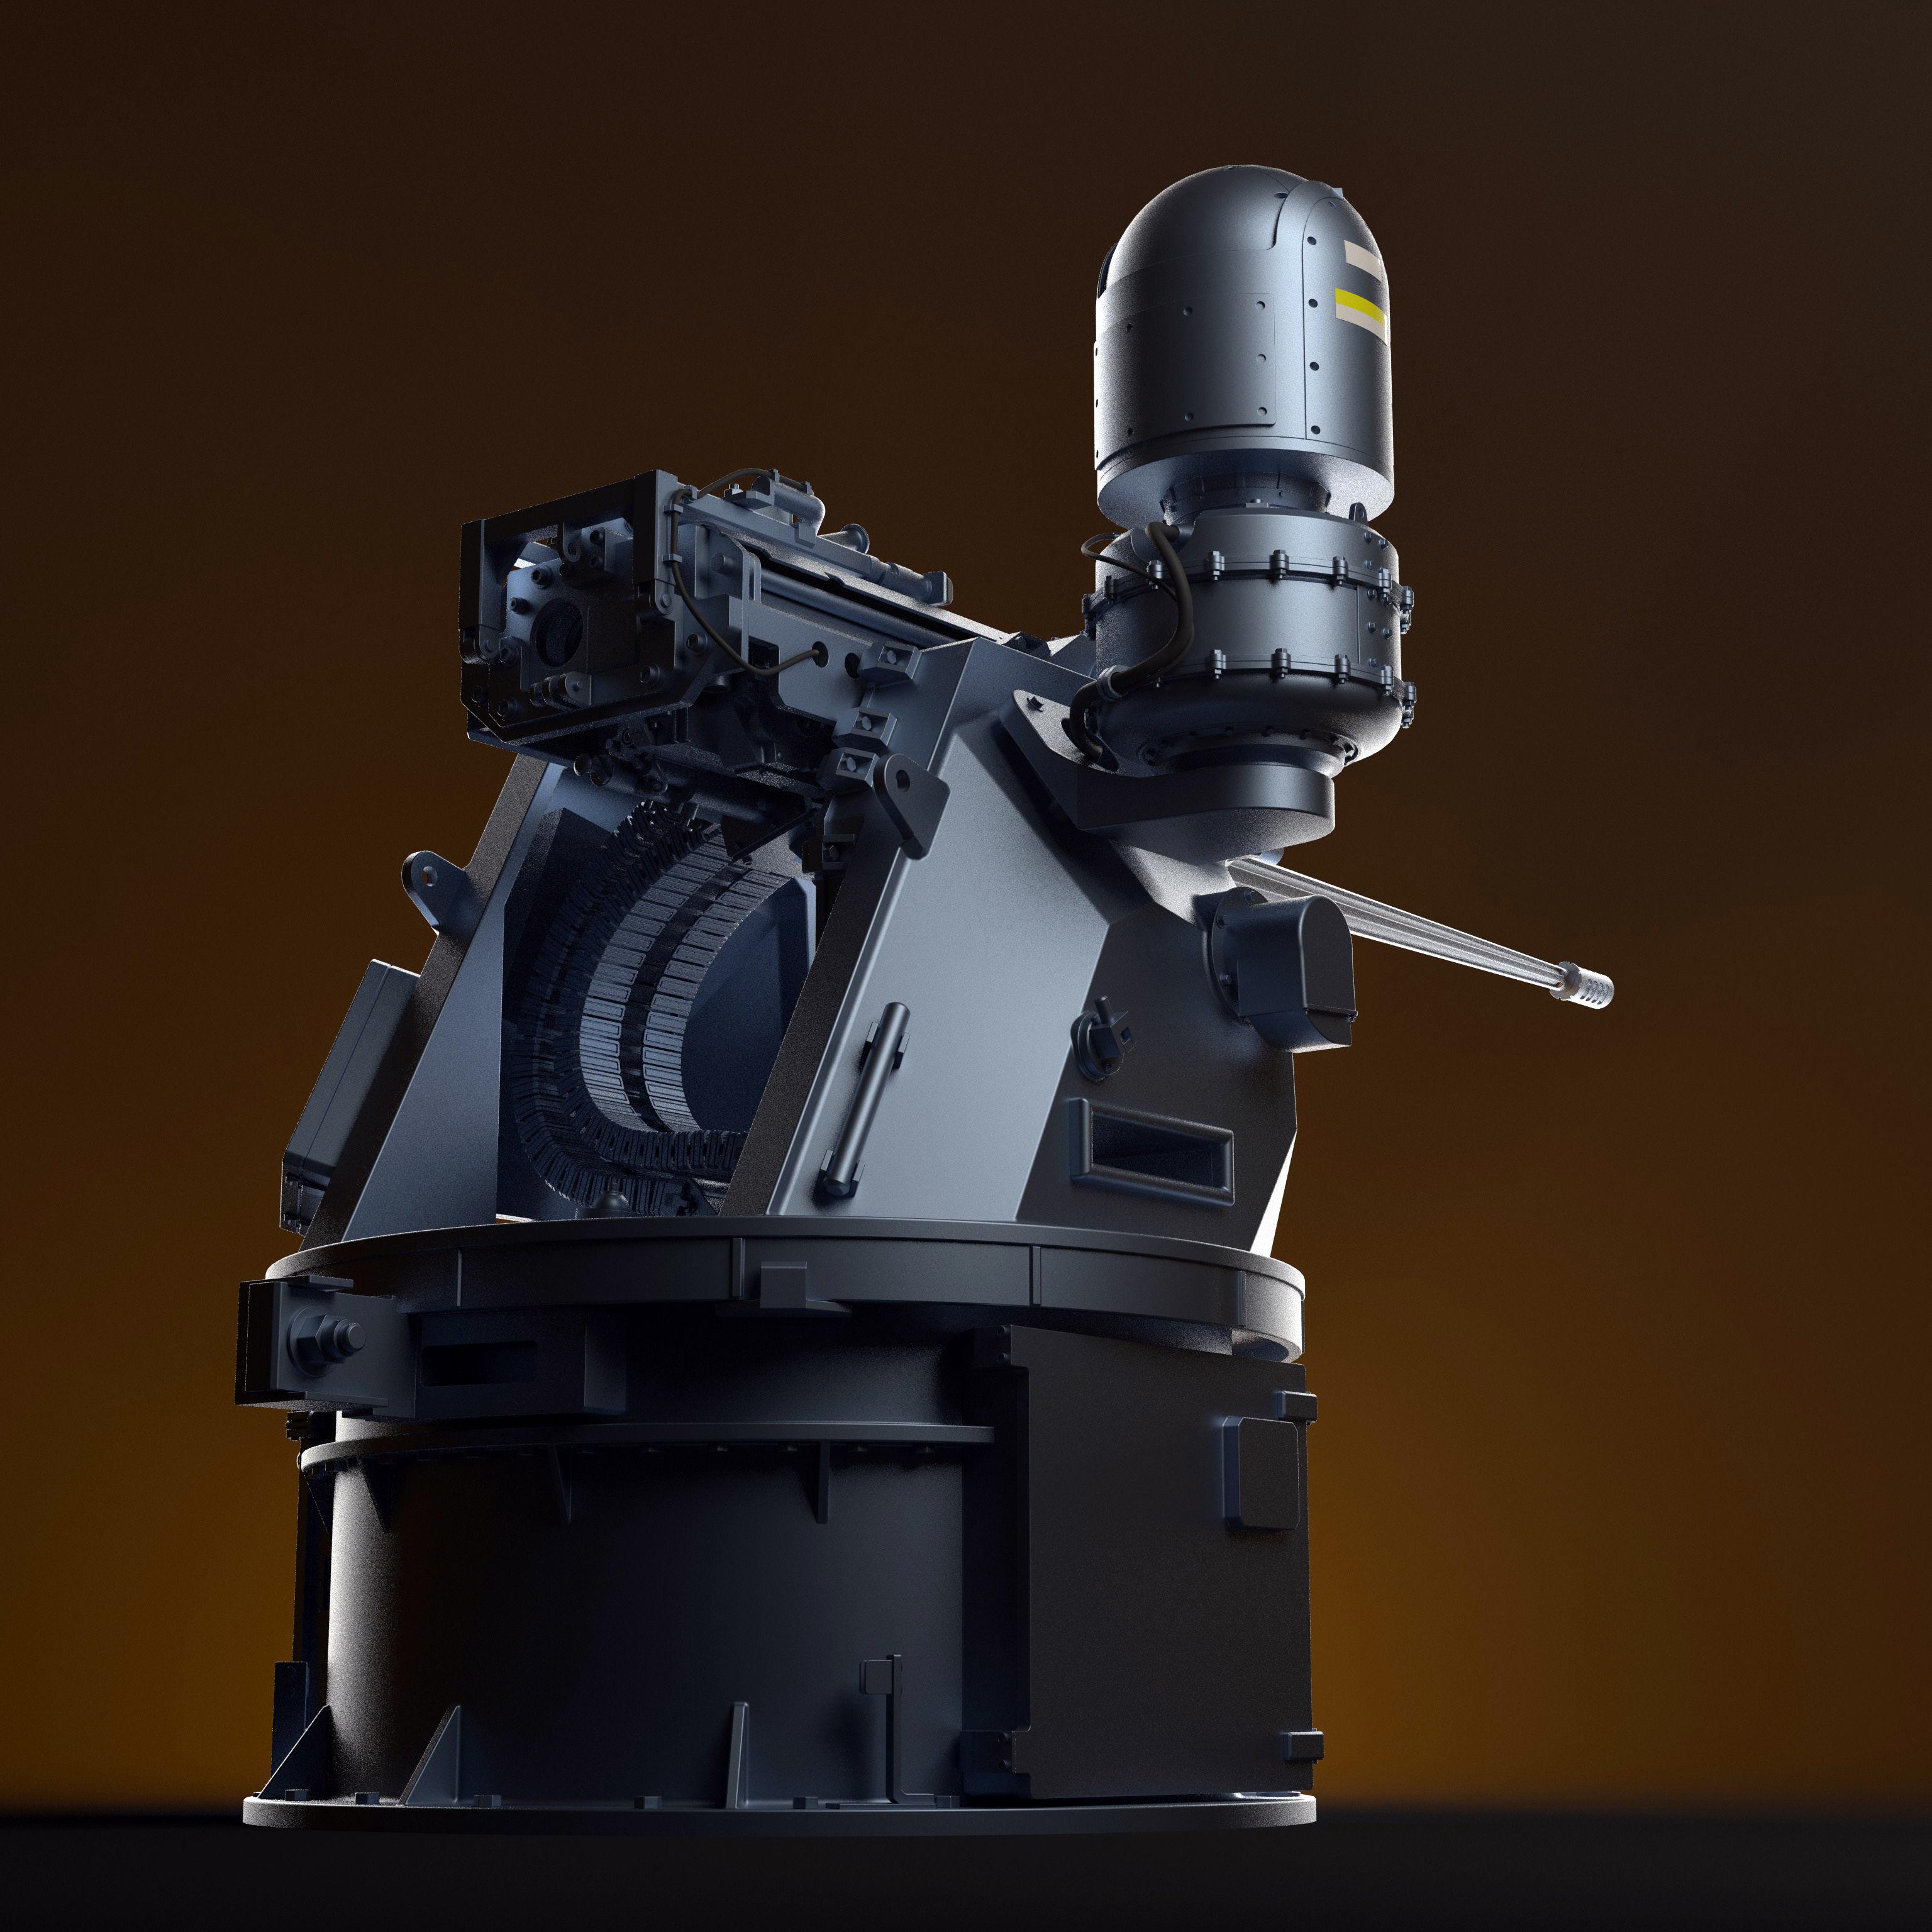 Bushmaster-03-3500-3500